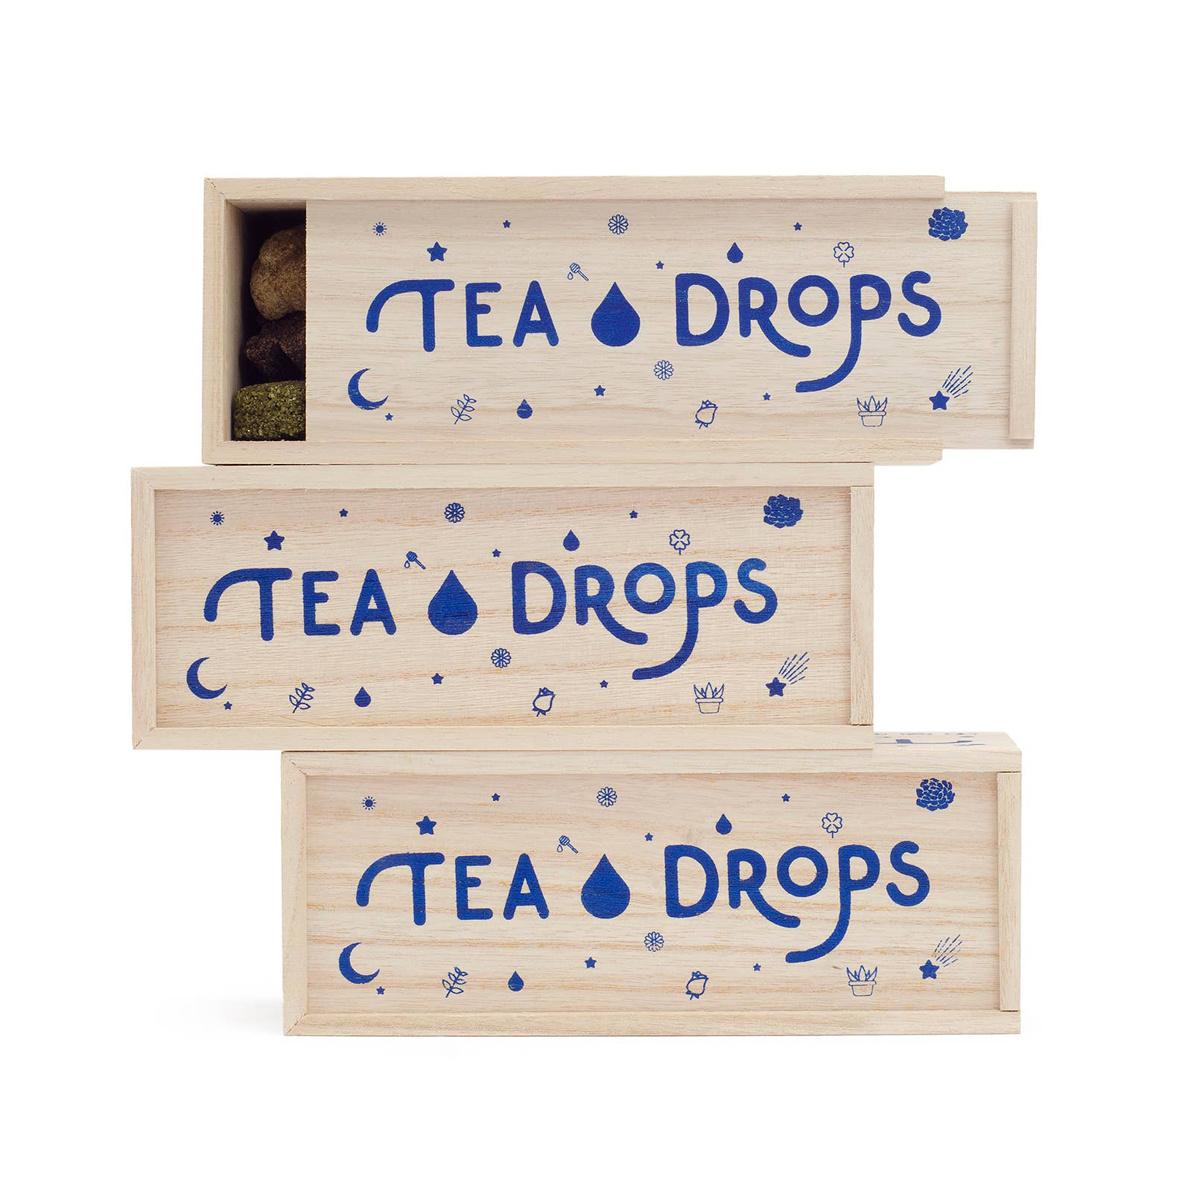 Tea Drops - TD Classic Tea Drops Assortment in Wooden Box